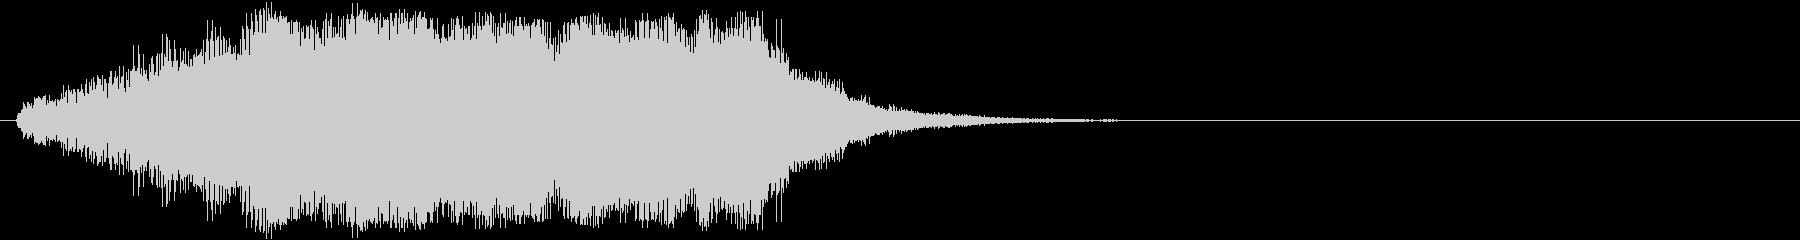 音楽ロゴ; Tinkley Bel...の未再生の波形